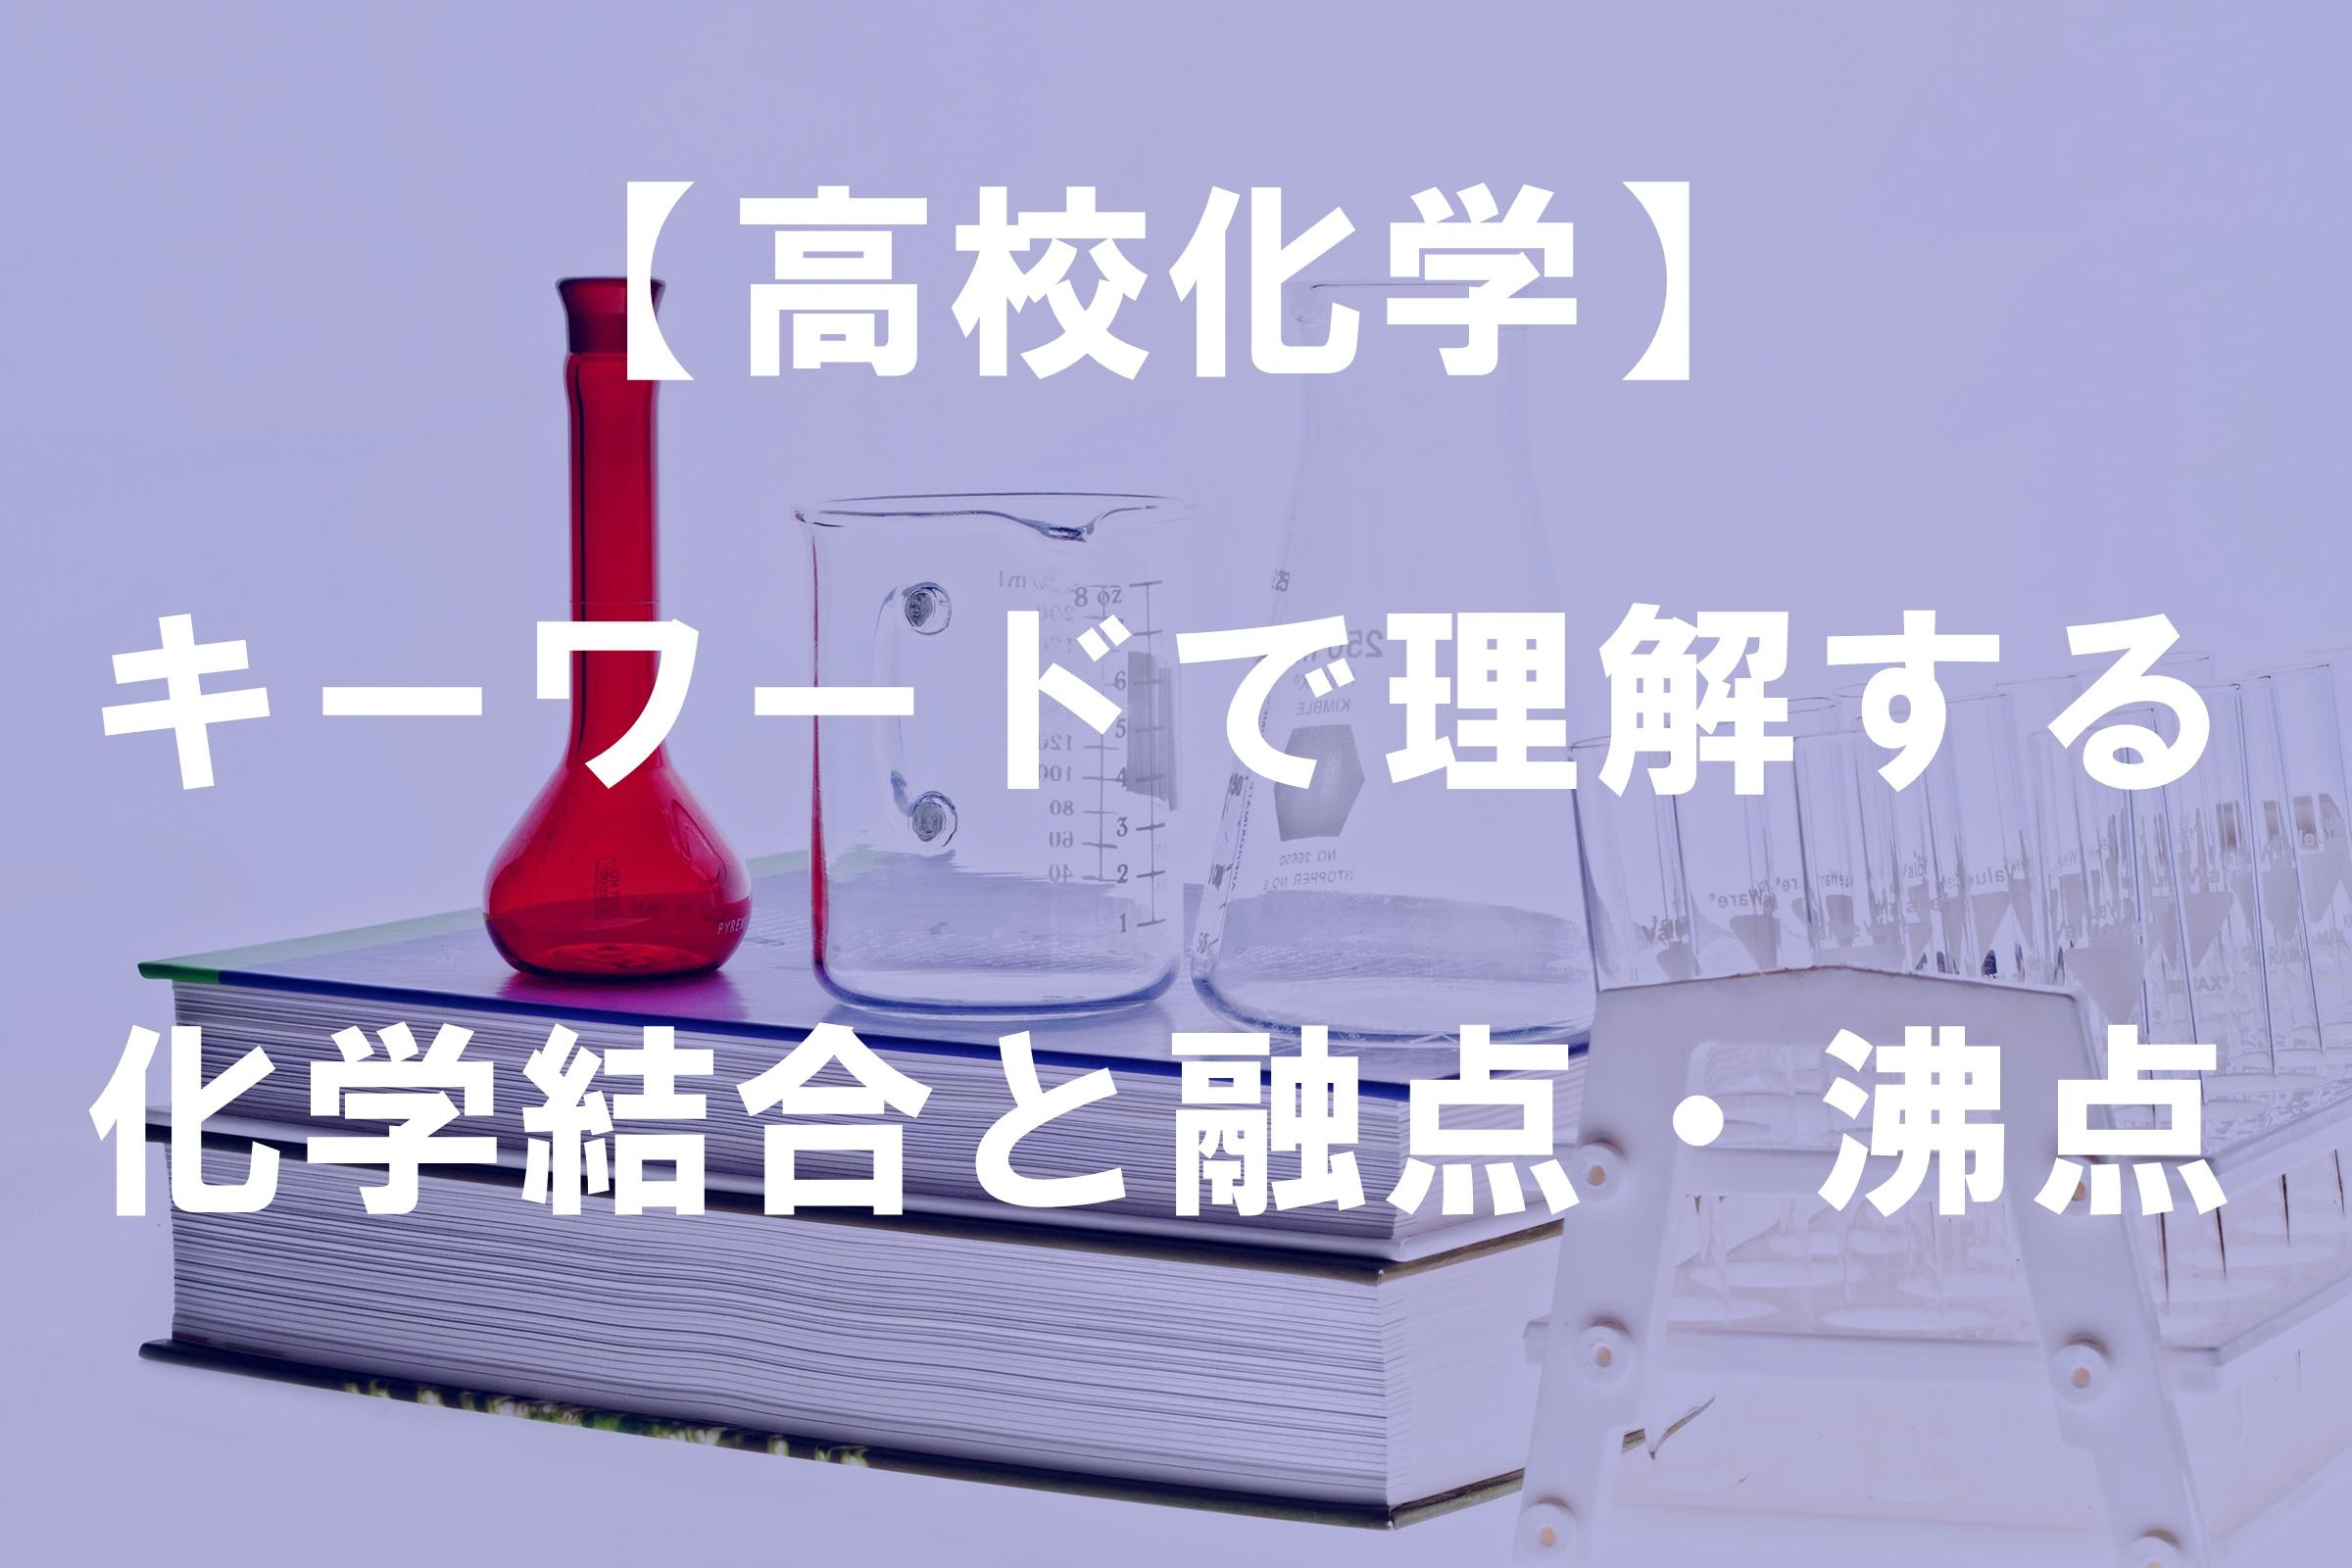 【高校化学】 キーワードで理解する化学結合と融点・沸点